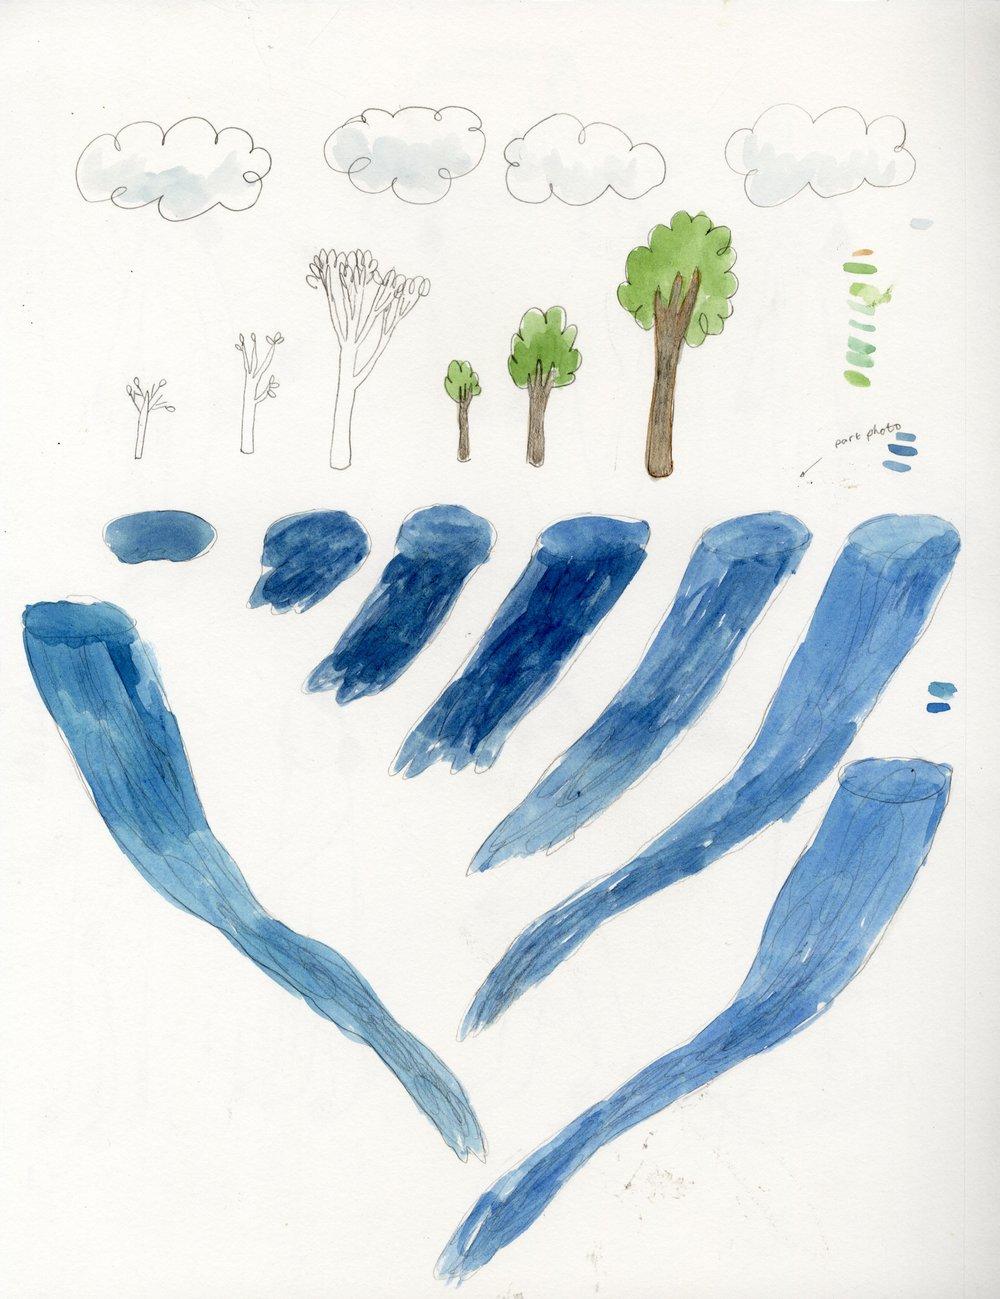 backyard_river_tree_cloud.jpg